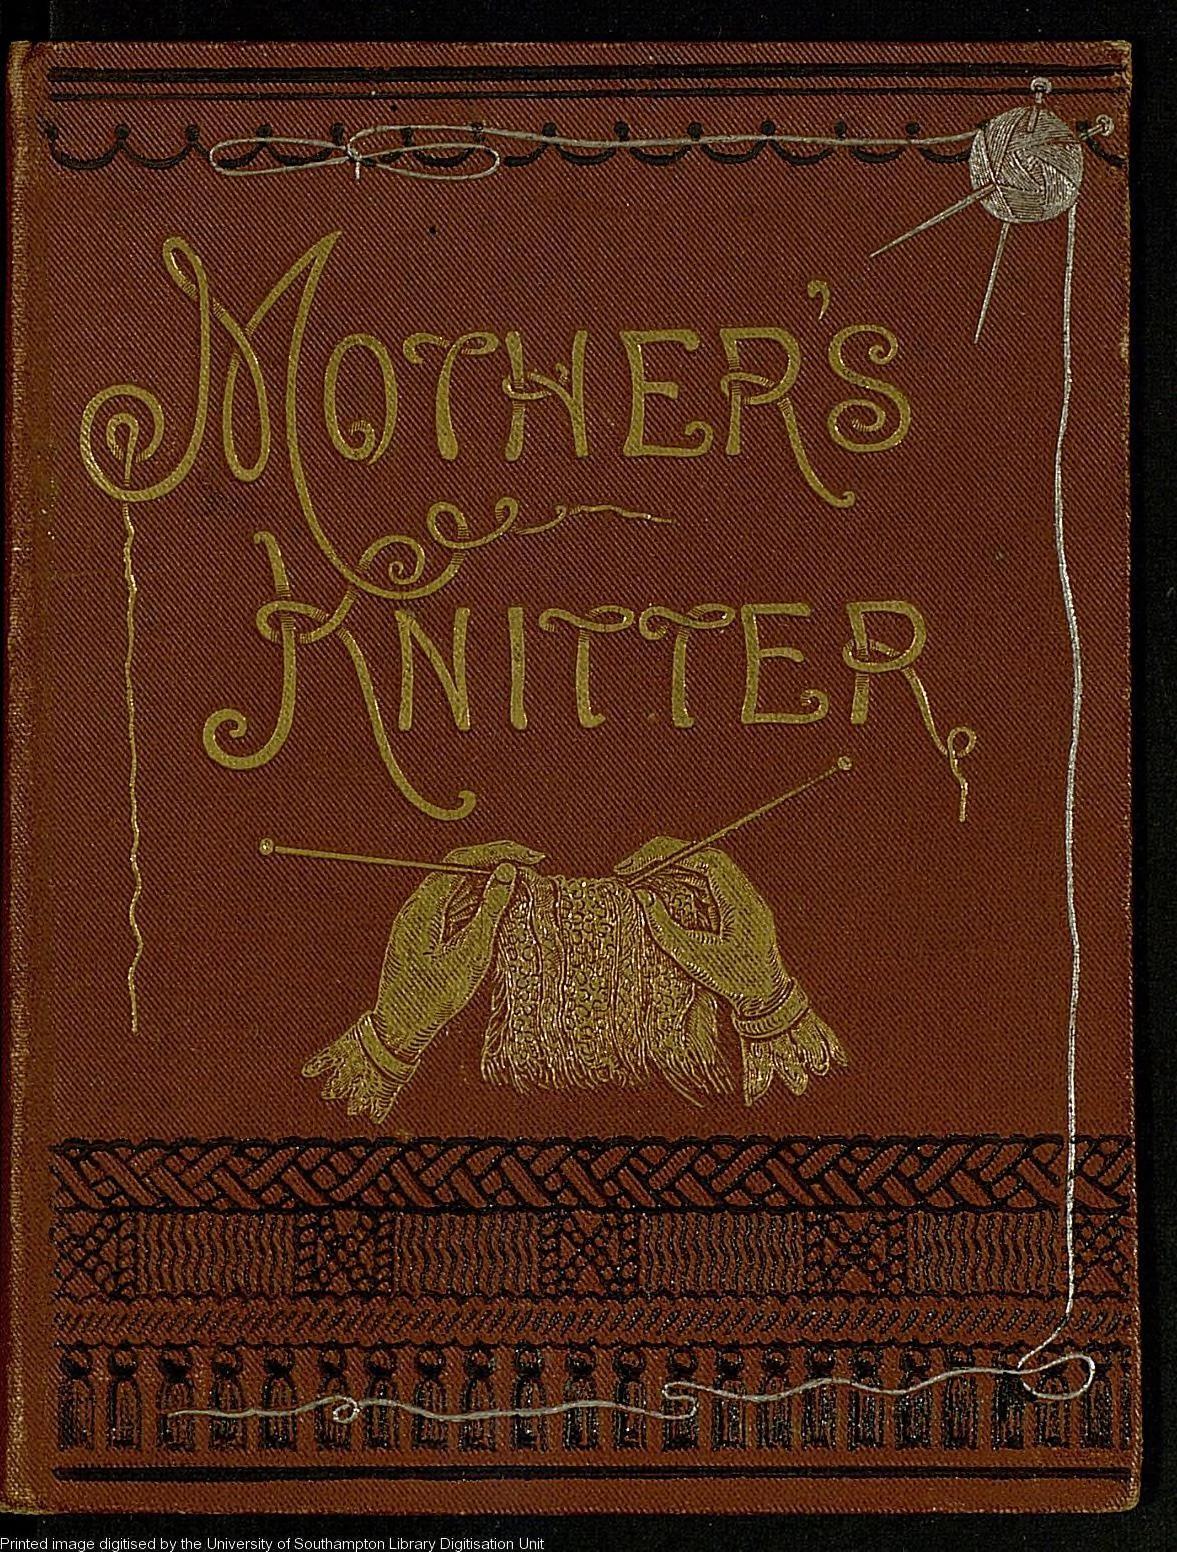 Mother's Knitter